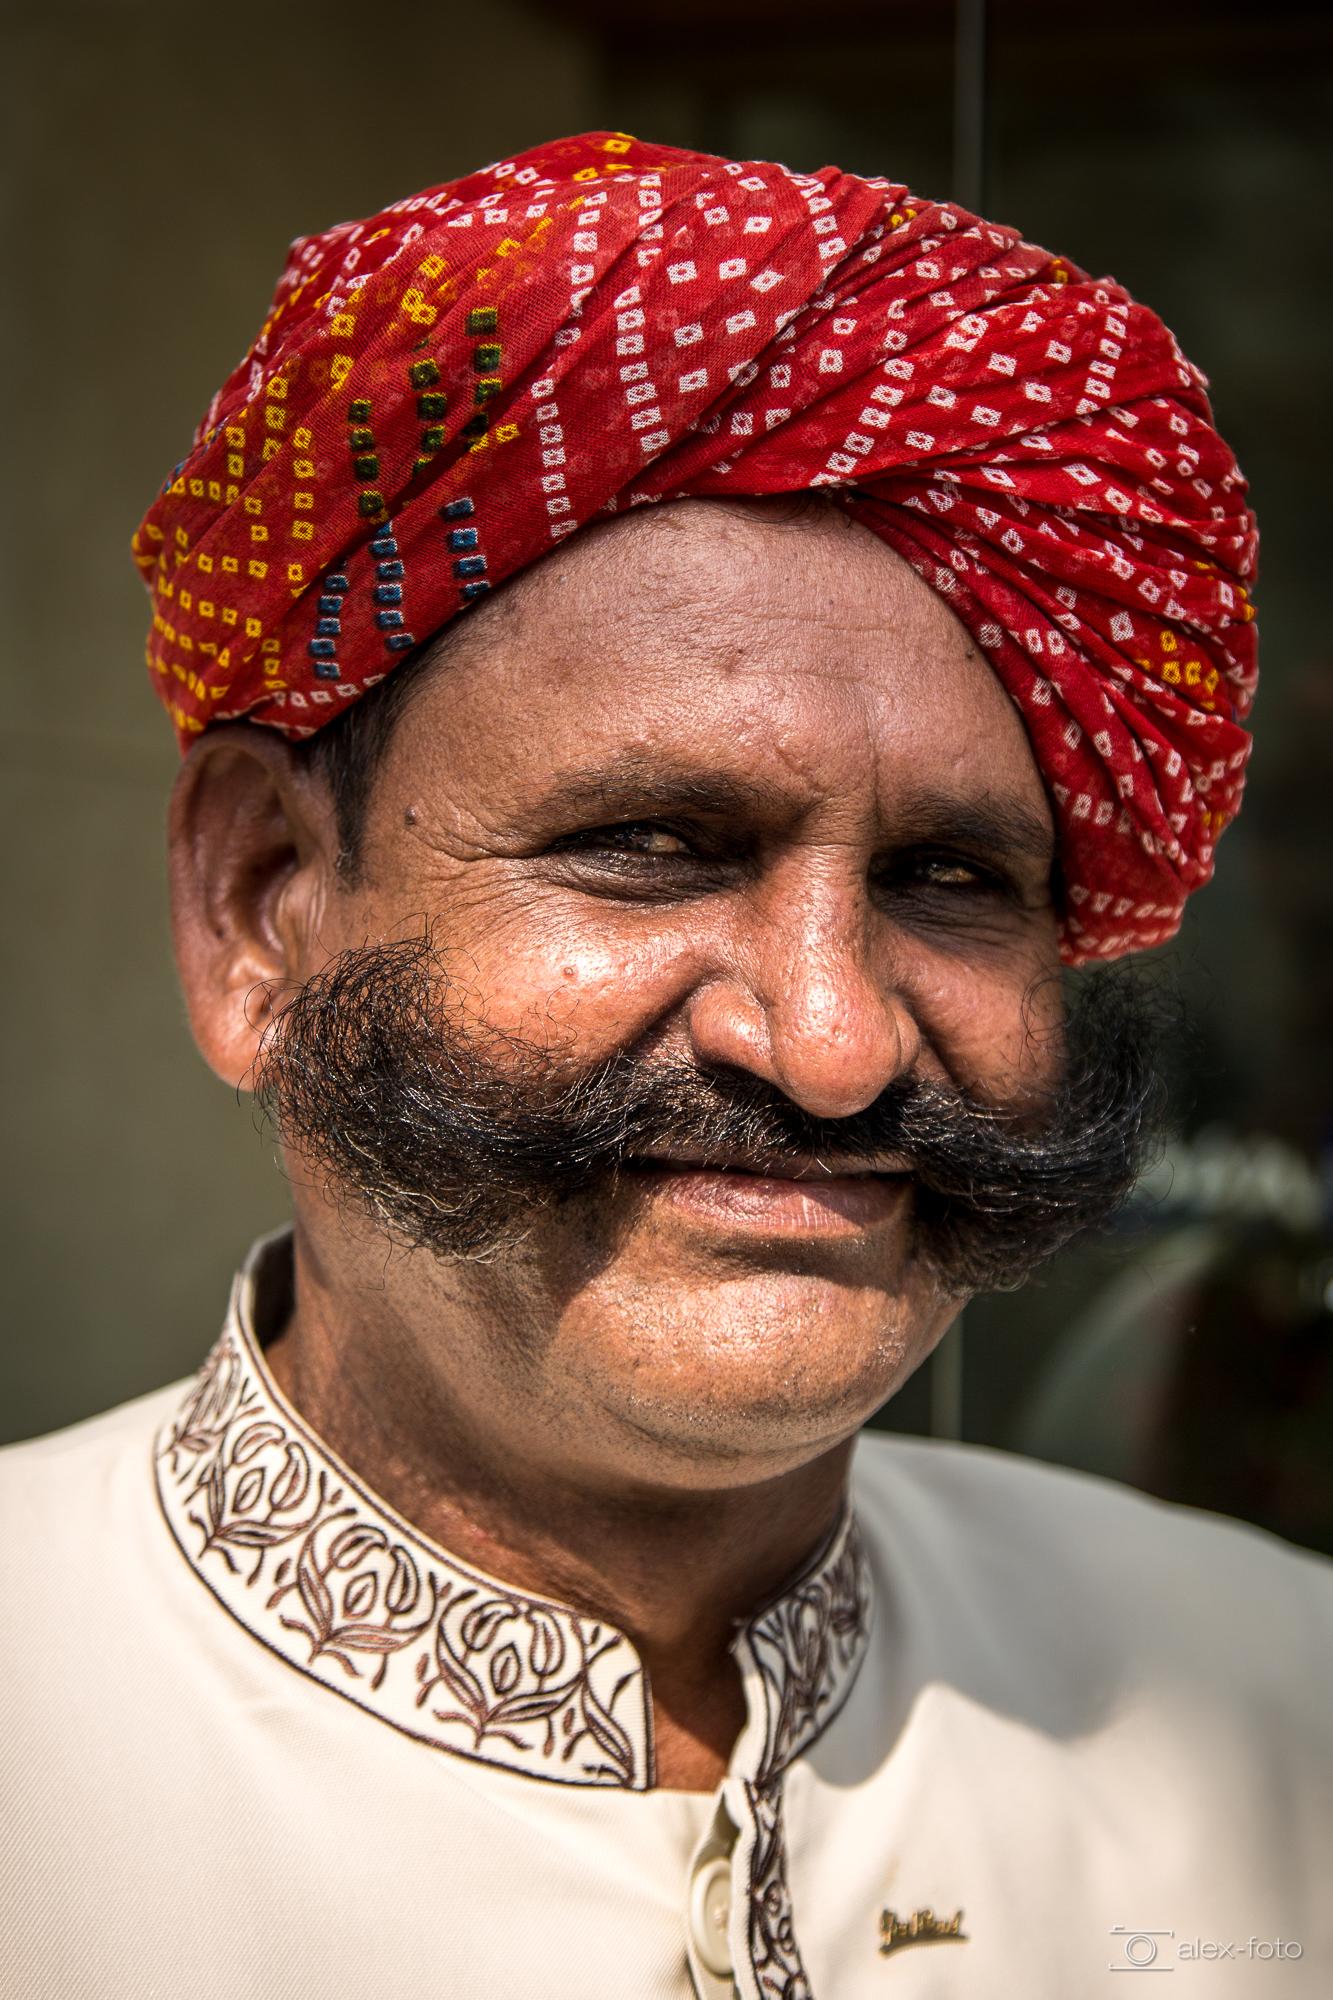 Lichtwert-BestOf_ThomasAlex_010_Ahmedabad Portrait.jpg